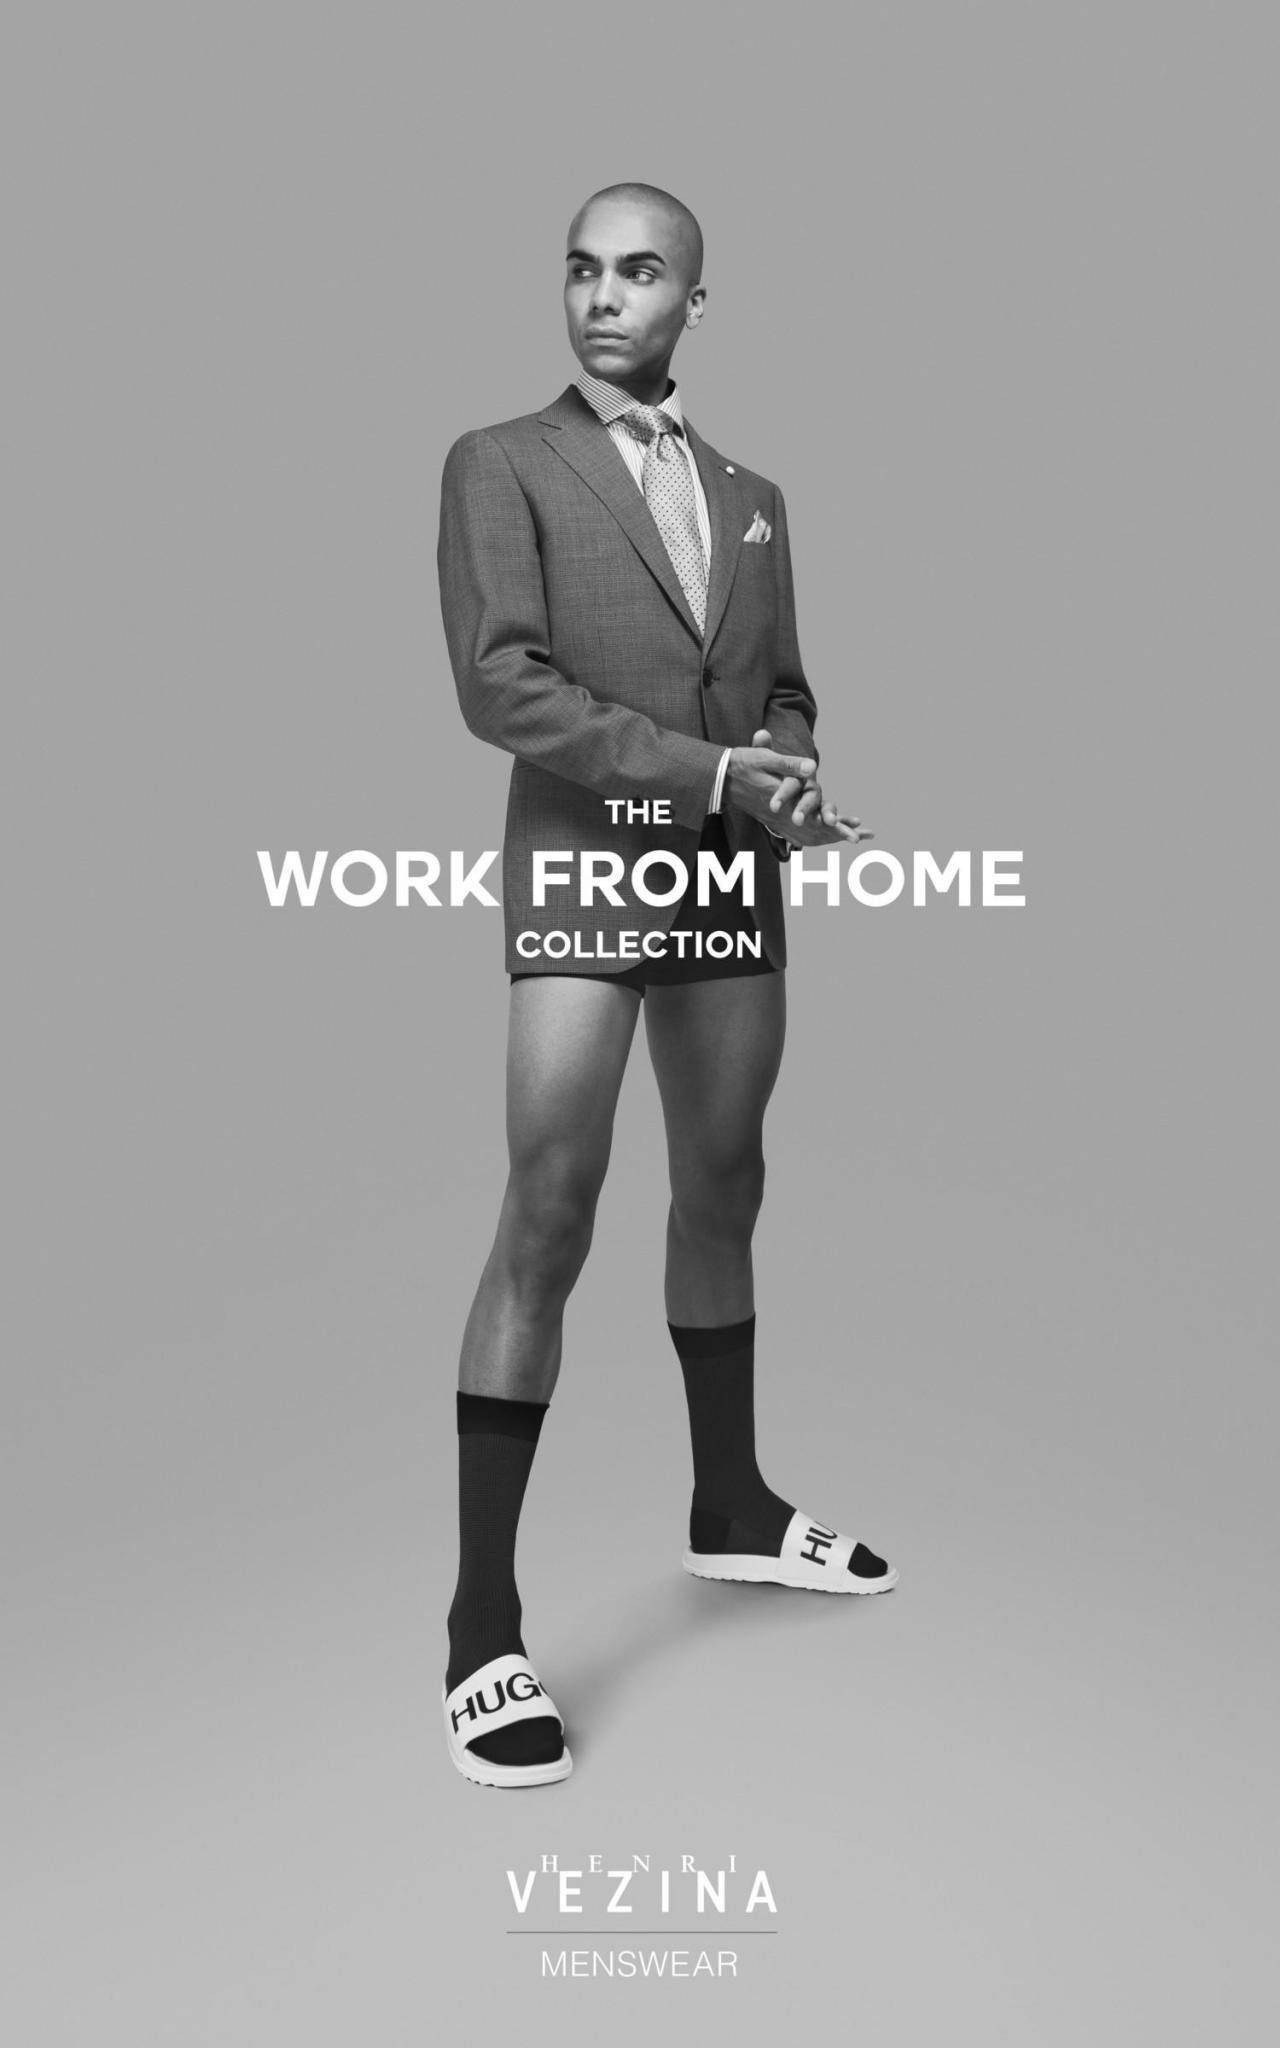 Канадский производитель деловой одежды выпустил специальную коллекцию для работы на удаленке